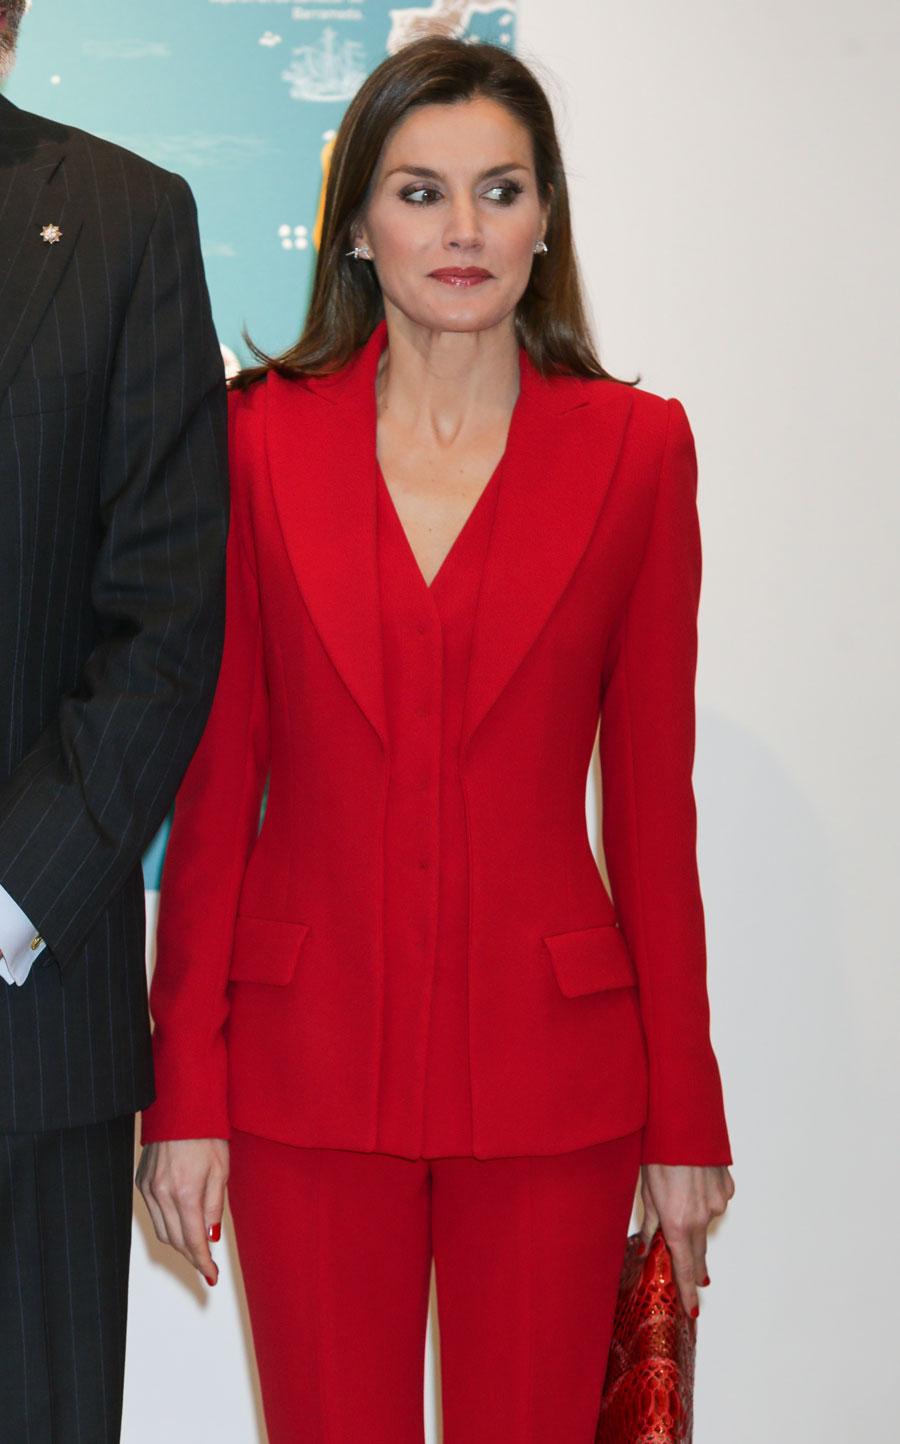 Letizia Ortiz estrena traje de chaqueta en su color favorito  el ... 39f0b69011d